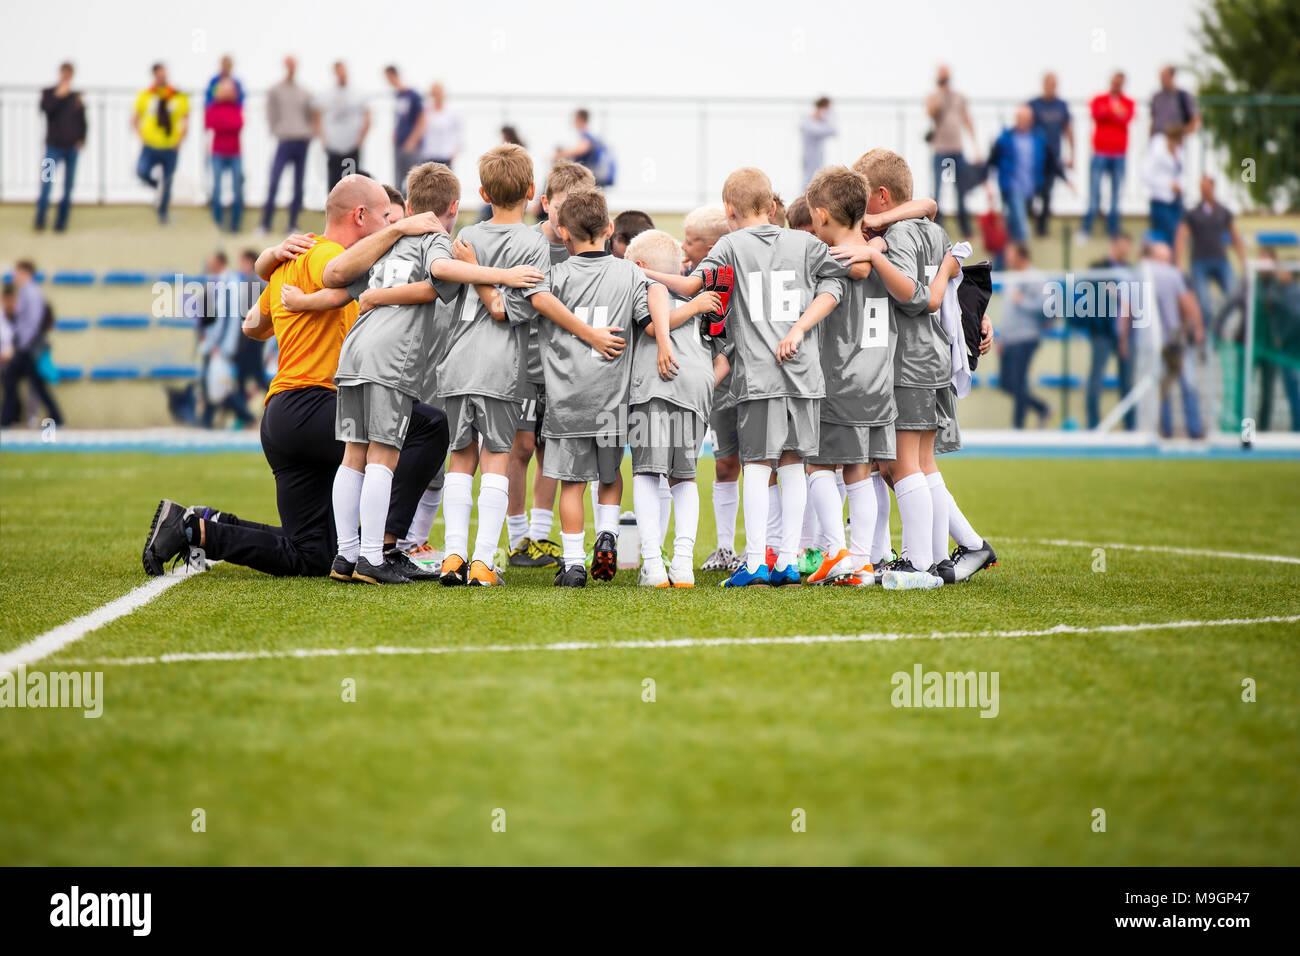 ebd918ff73745 Entrenamiento de fútbol. Los muchachos que Pep hable con el entrenador  antes del torneo coinciden